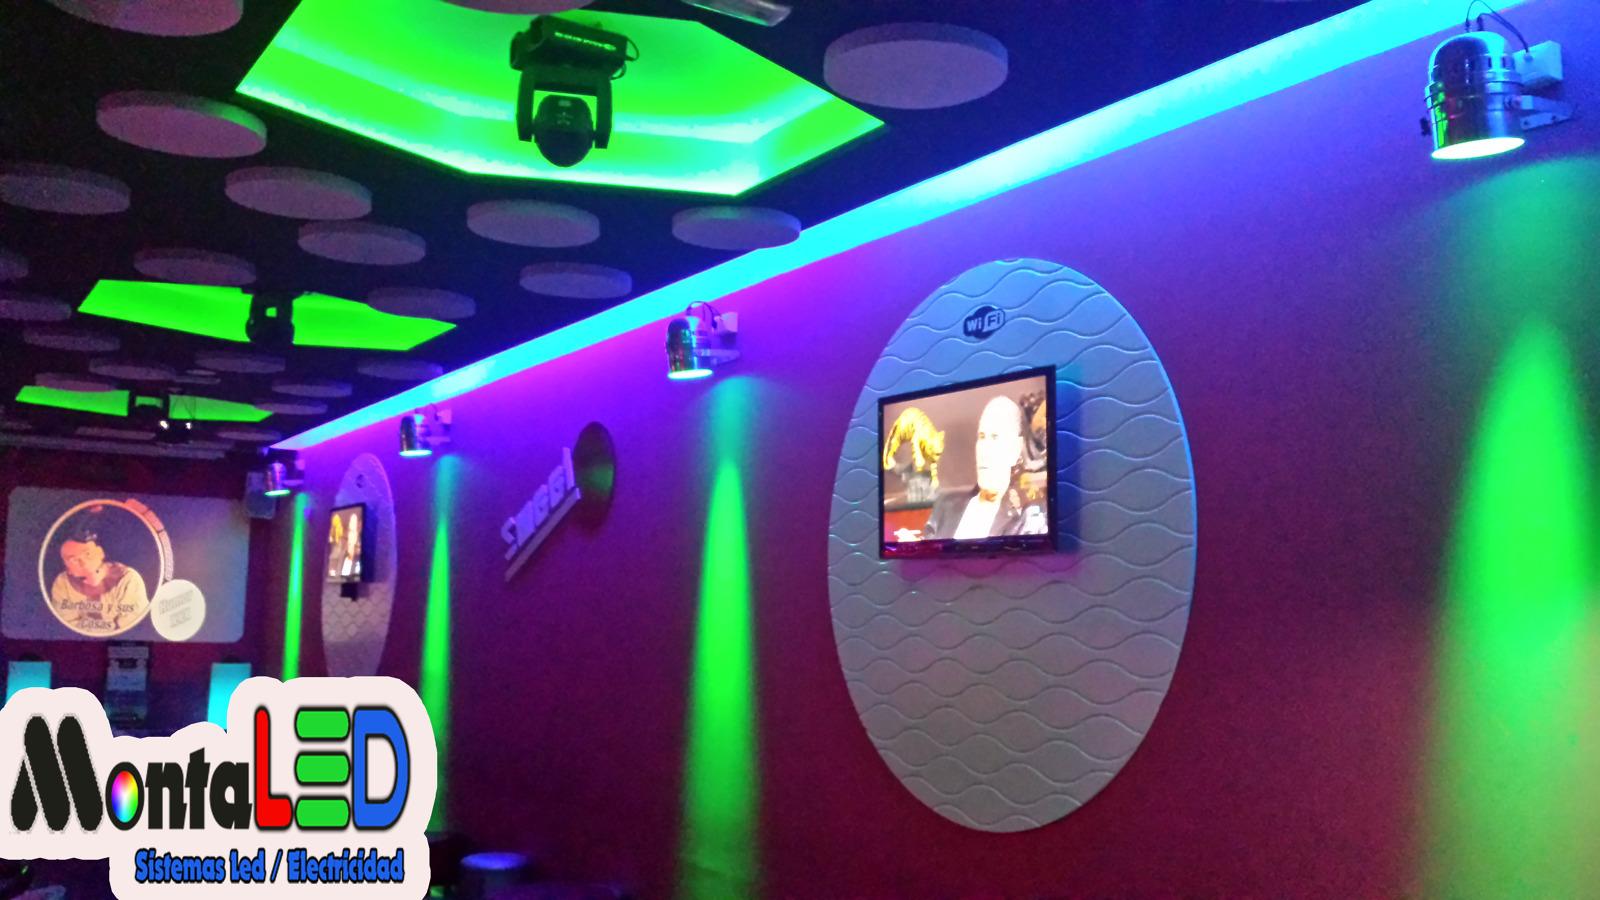 Instalaci n led e iluminaci n profesional bar de copas - Decoracion de bares de copas ...